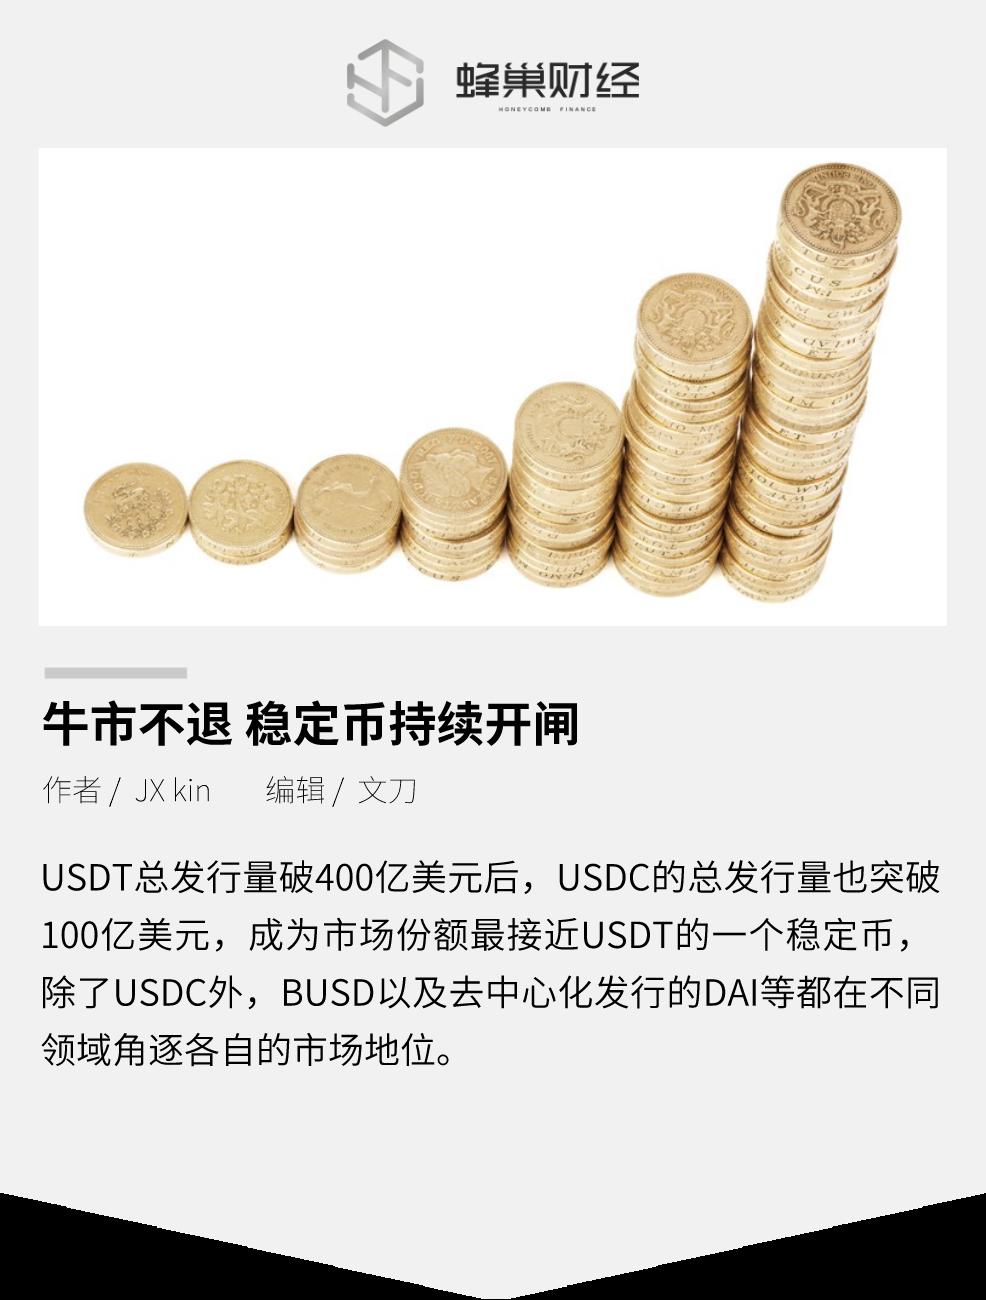 牛市不休,USDT、USDC、BUSD、DAI等稳定币持续开闸